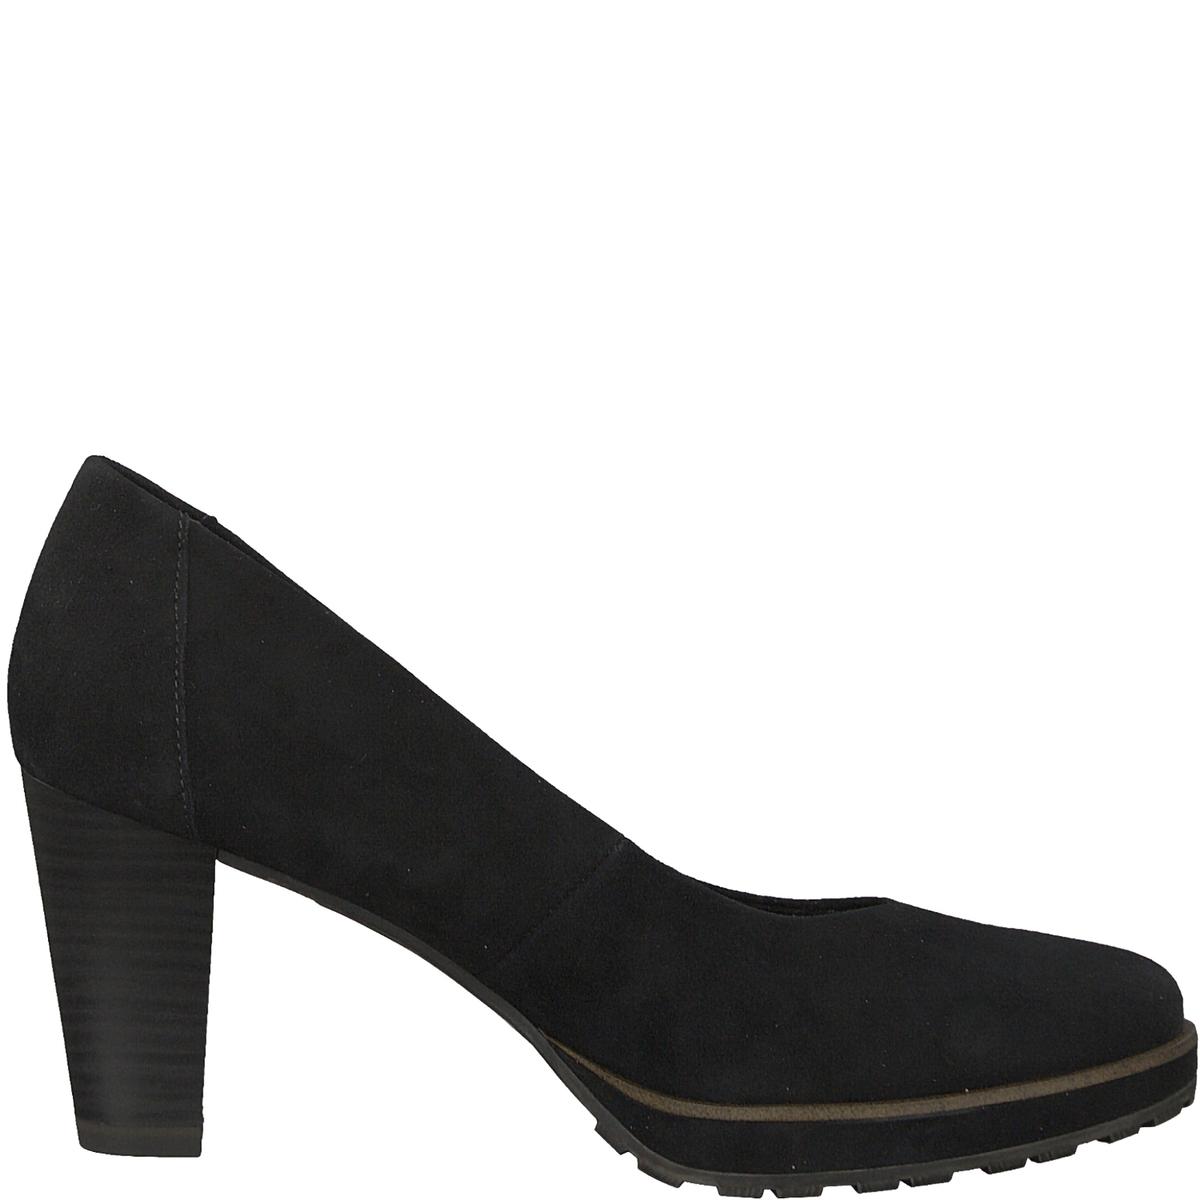 Туфли кожаные VickyДетали •  Широкий каблук •  Высота каблука : 8 см. •  Застежка : без застежки •  Круглый мысокСостав и уход •  Верх 100% козья кожа •  Подкладка 50% синтетического материала, 50% текстиля •  Стелька 100% кожа<br><br>Цвет: черный<br>Размер: 40